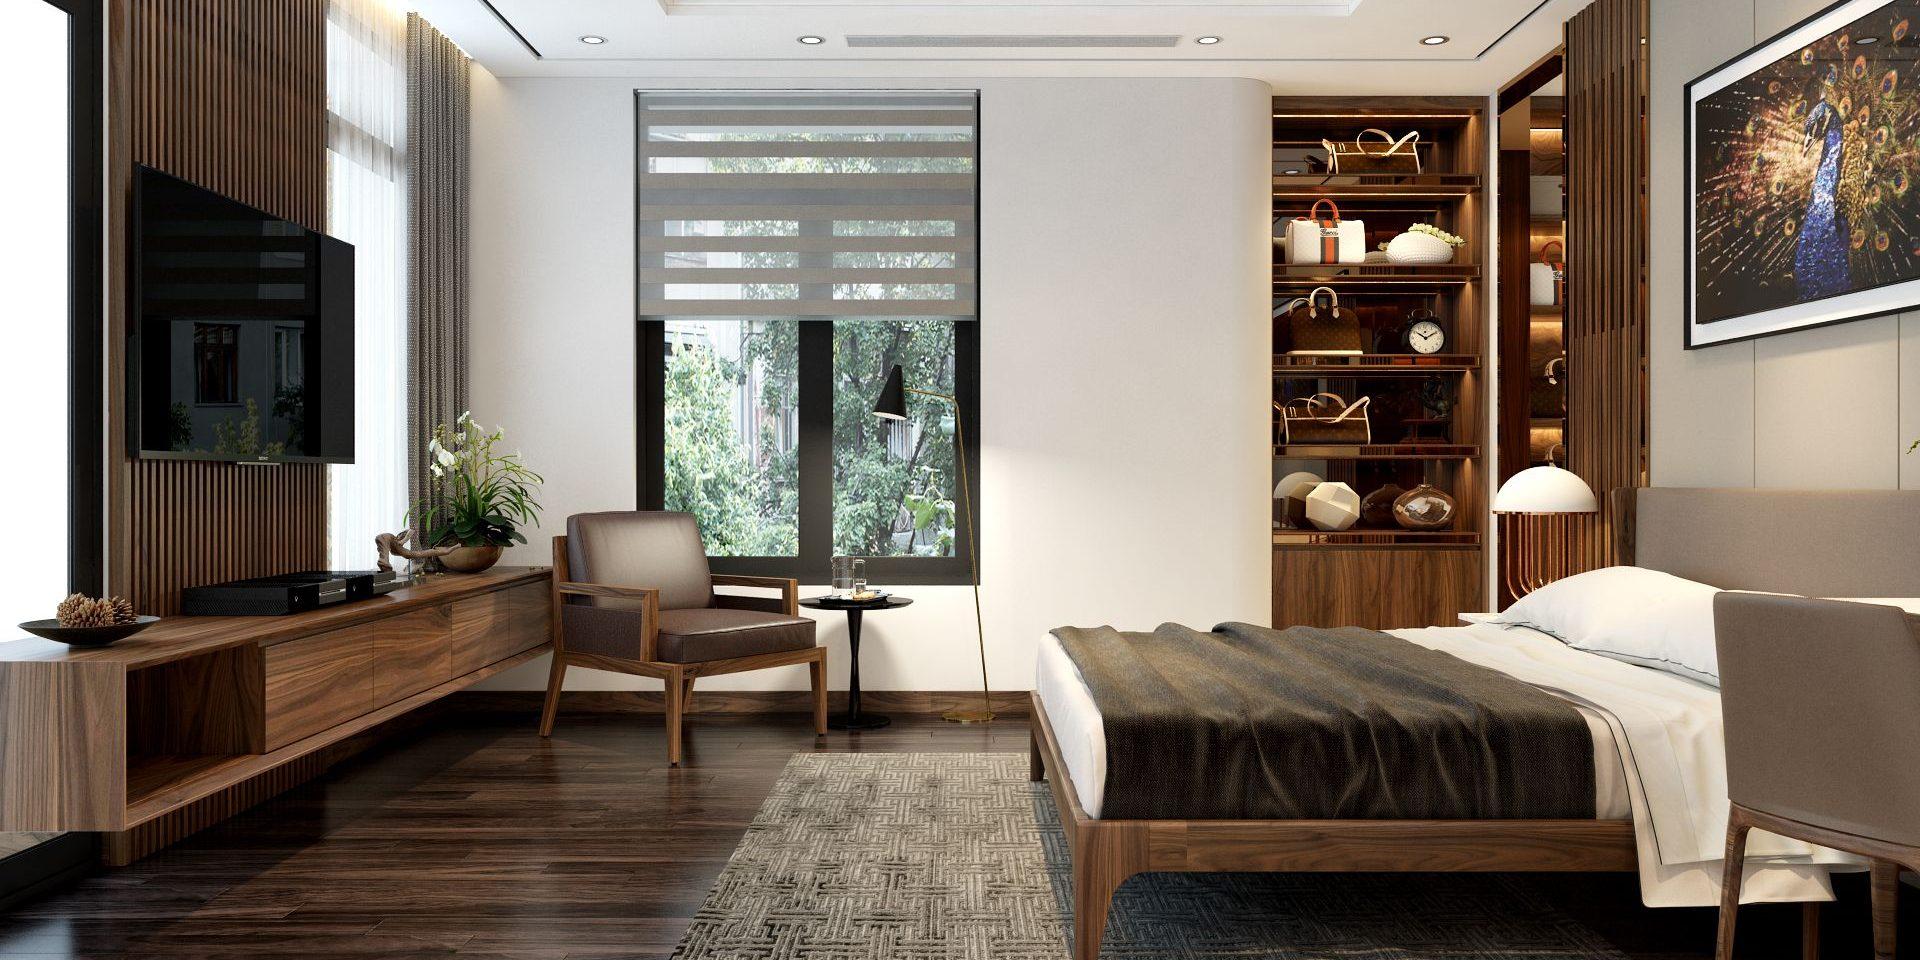 Bố cục không gian của nội thất hiện đại thông thoáng và khoa học